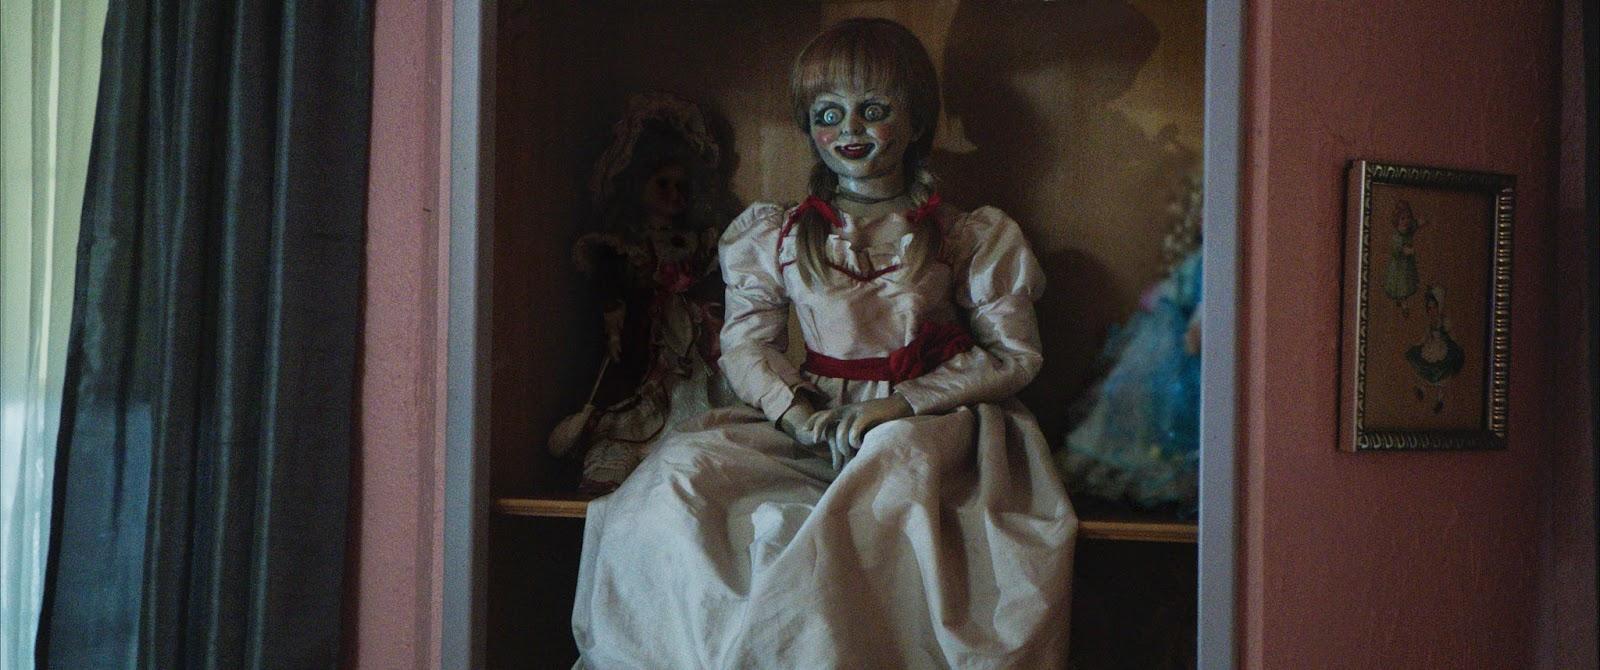 4 Clips of Annabelle : Teaser Trailer